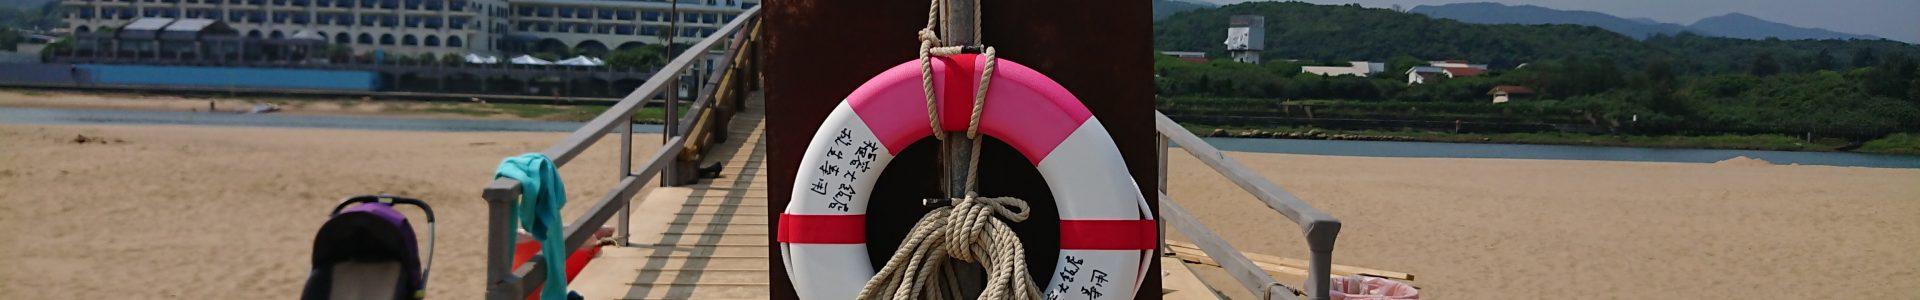 立告示牌就能防溺水?》談談開放水域的安全觀念